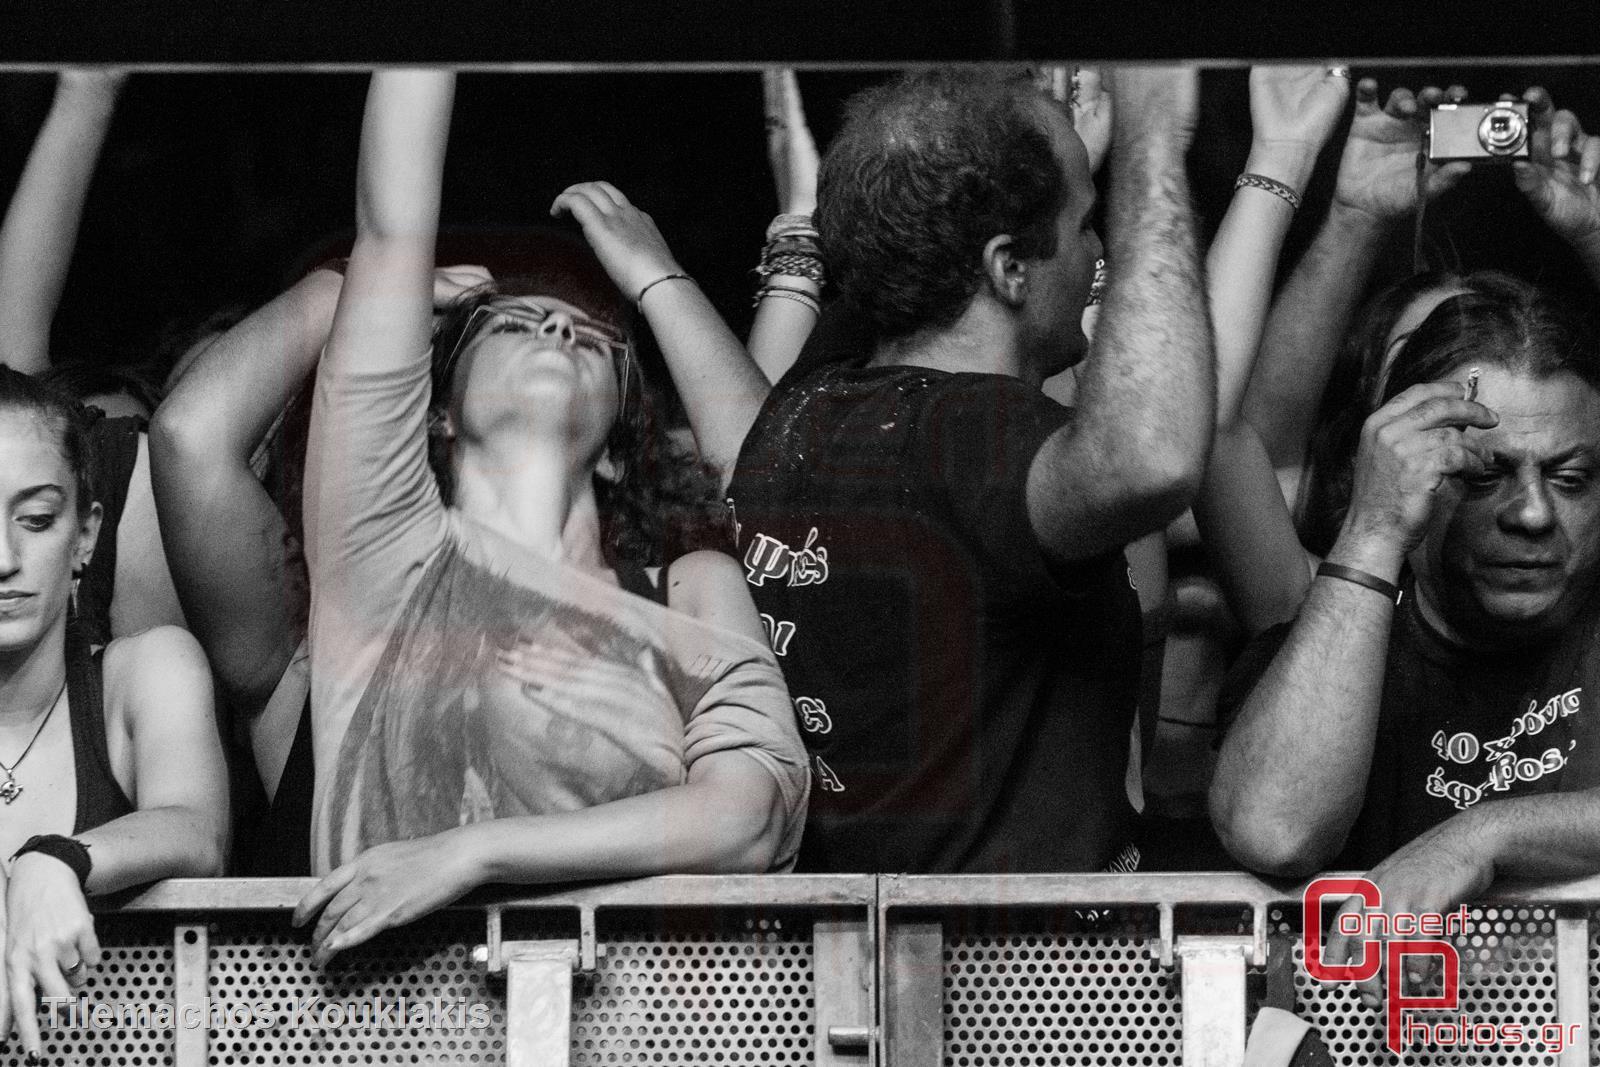 Βασίλης Παπακωνσταντίνου - 40 Χρόνια Έφηβος-Vasilis Papakonstantinou 40 Chronia Efivos photographer: Tilemachos Kouklakis - concertphotos_-5237